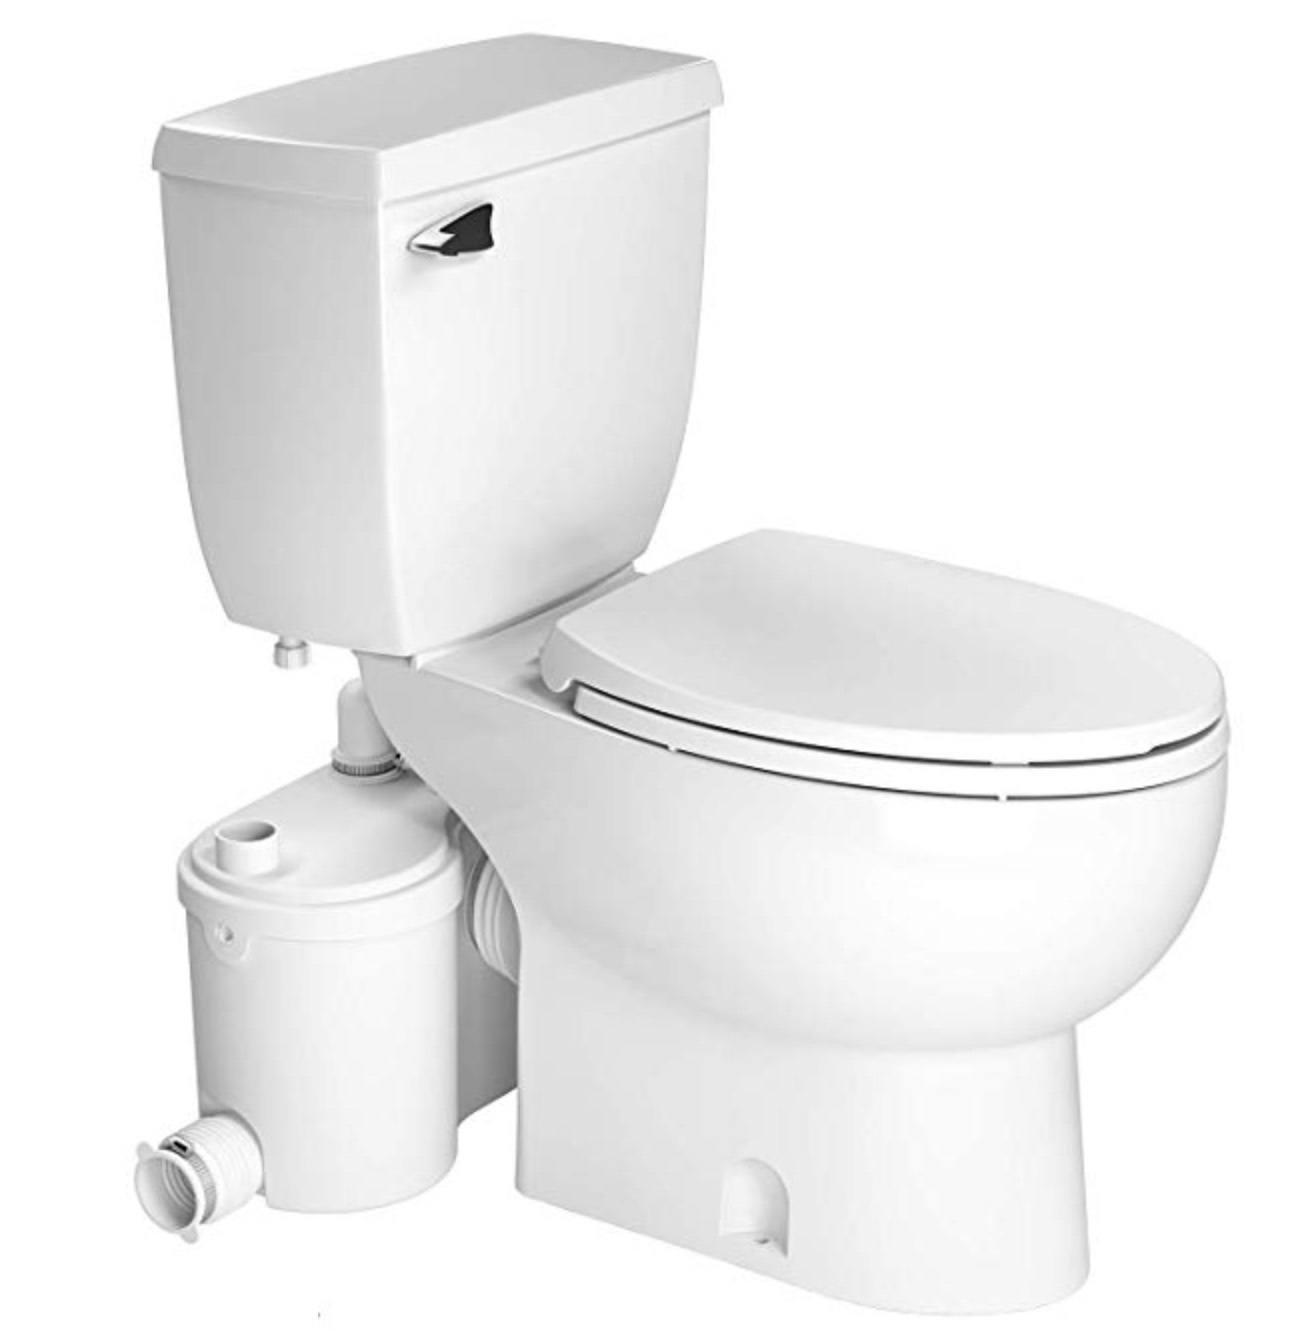 saniflo toilet installation instructions